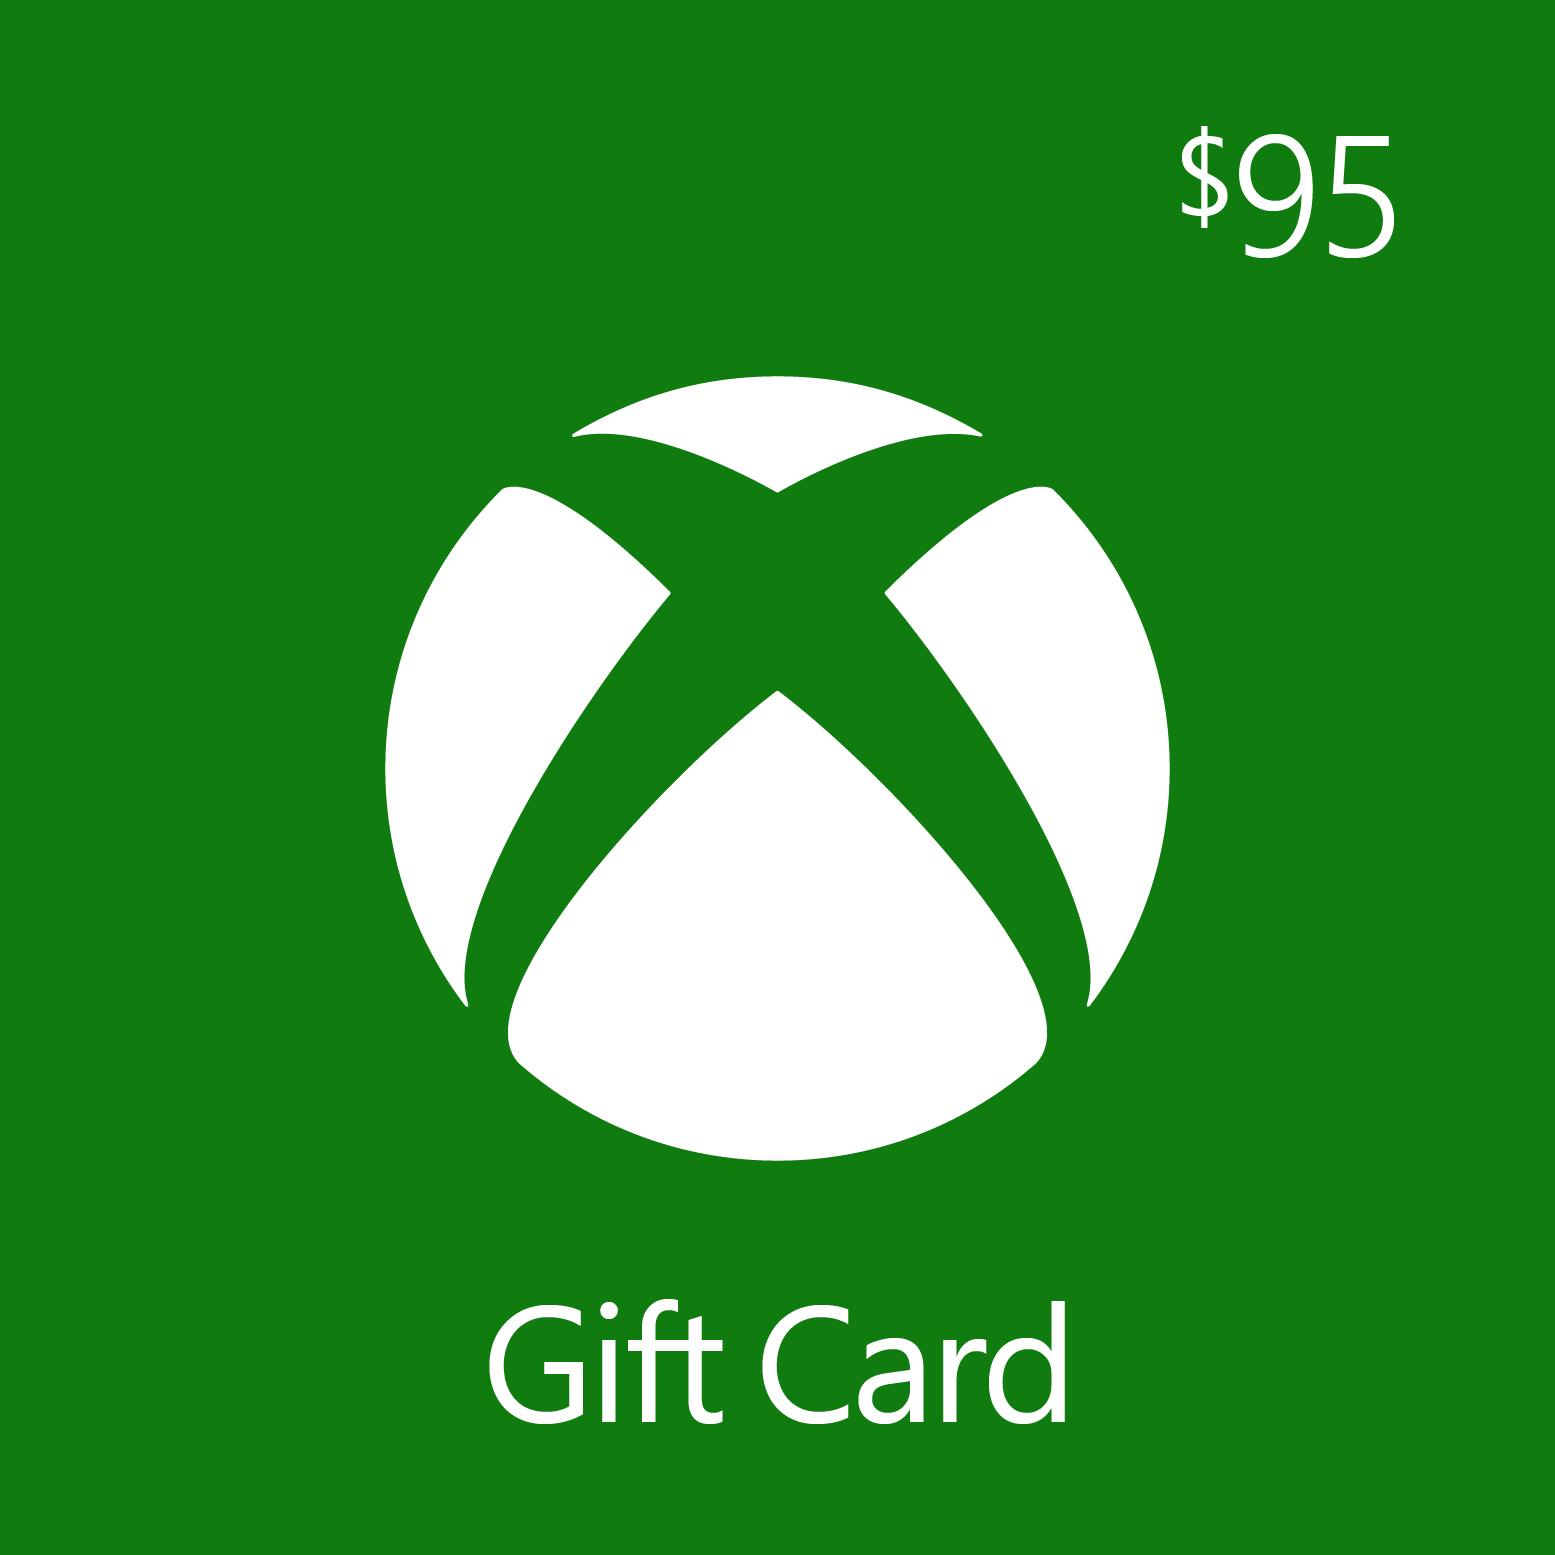 Xbox Digital Gift Card: $95.00